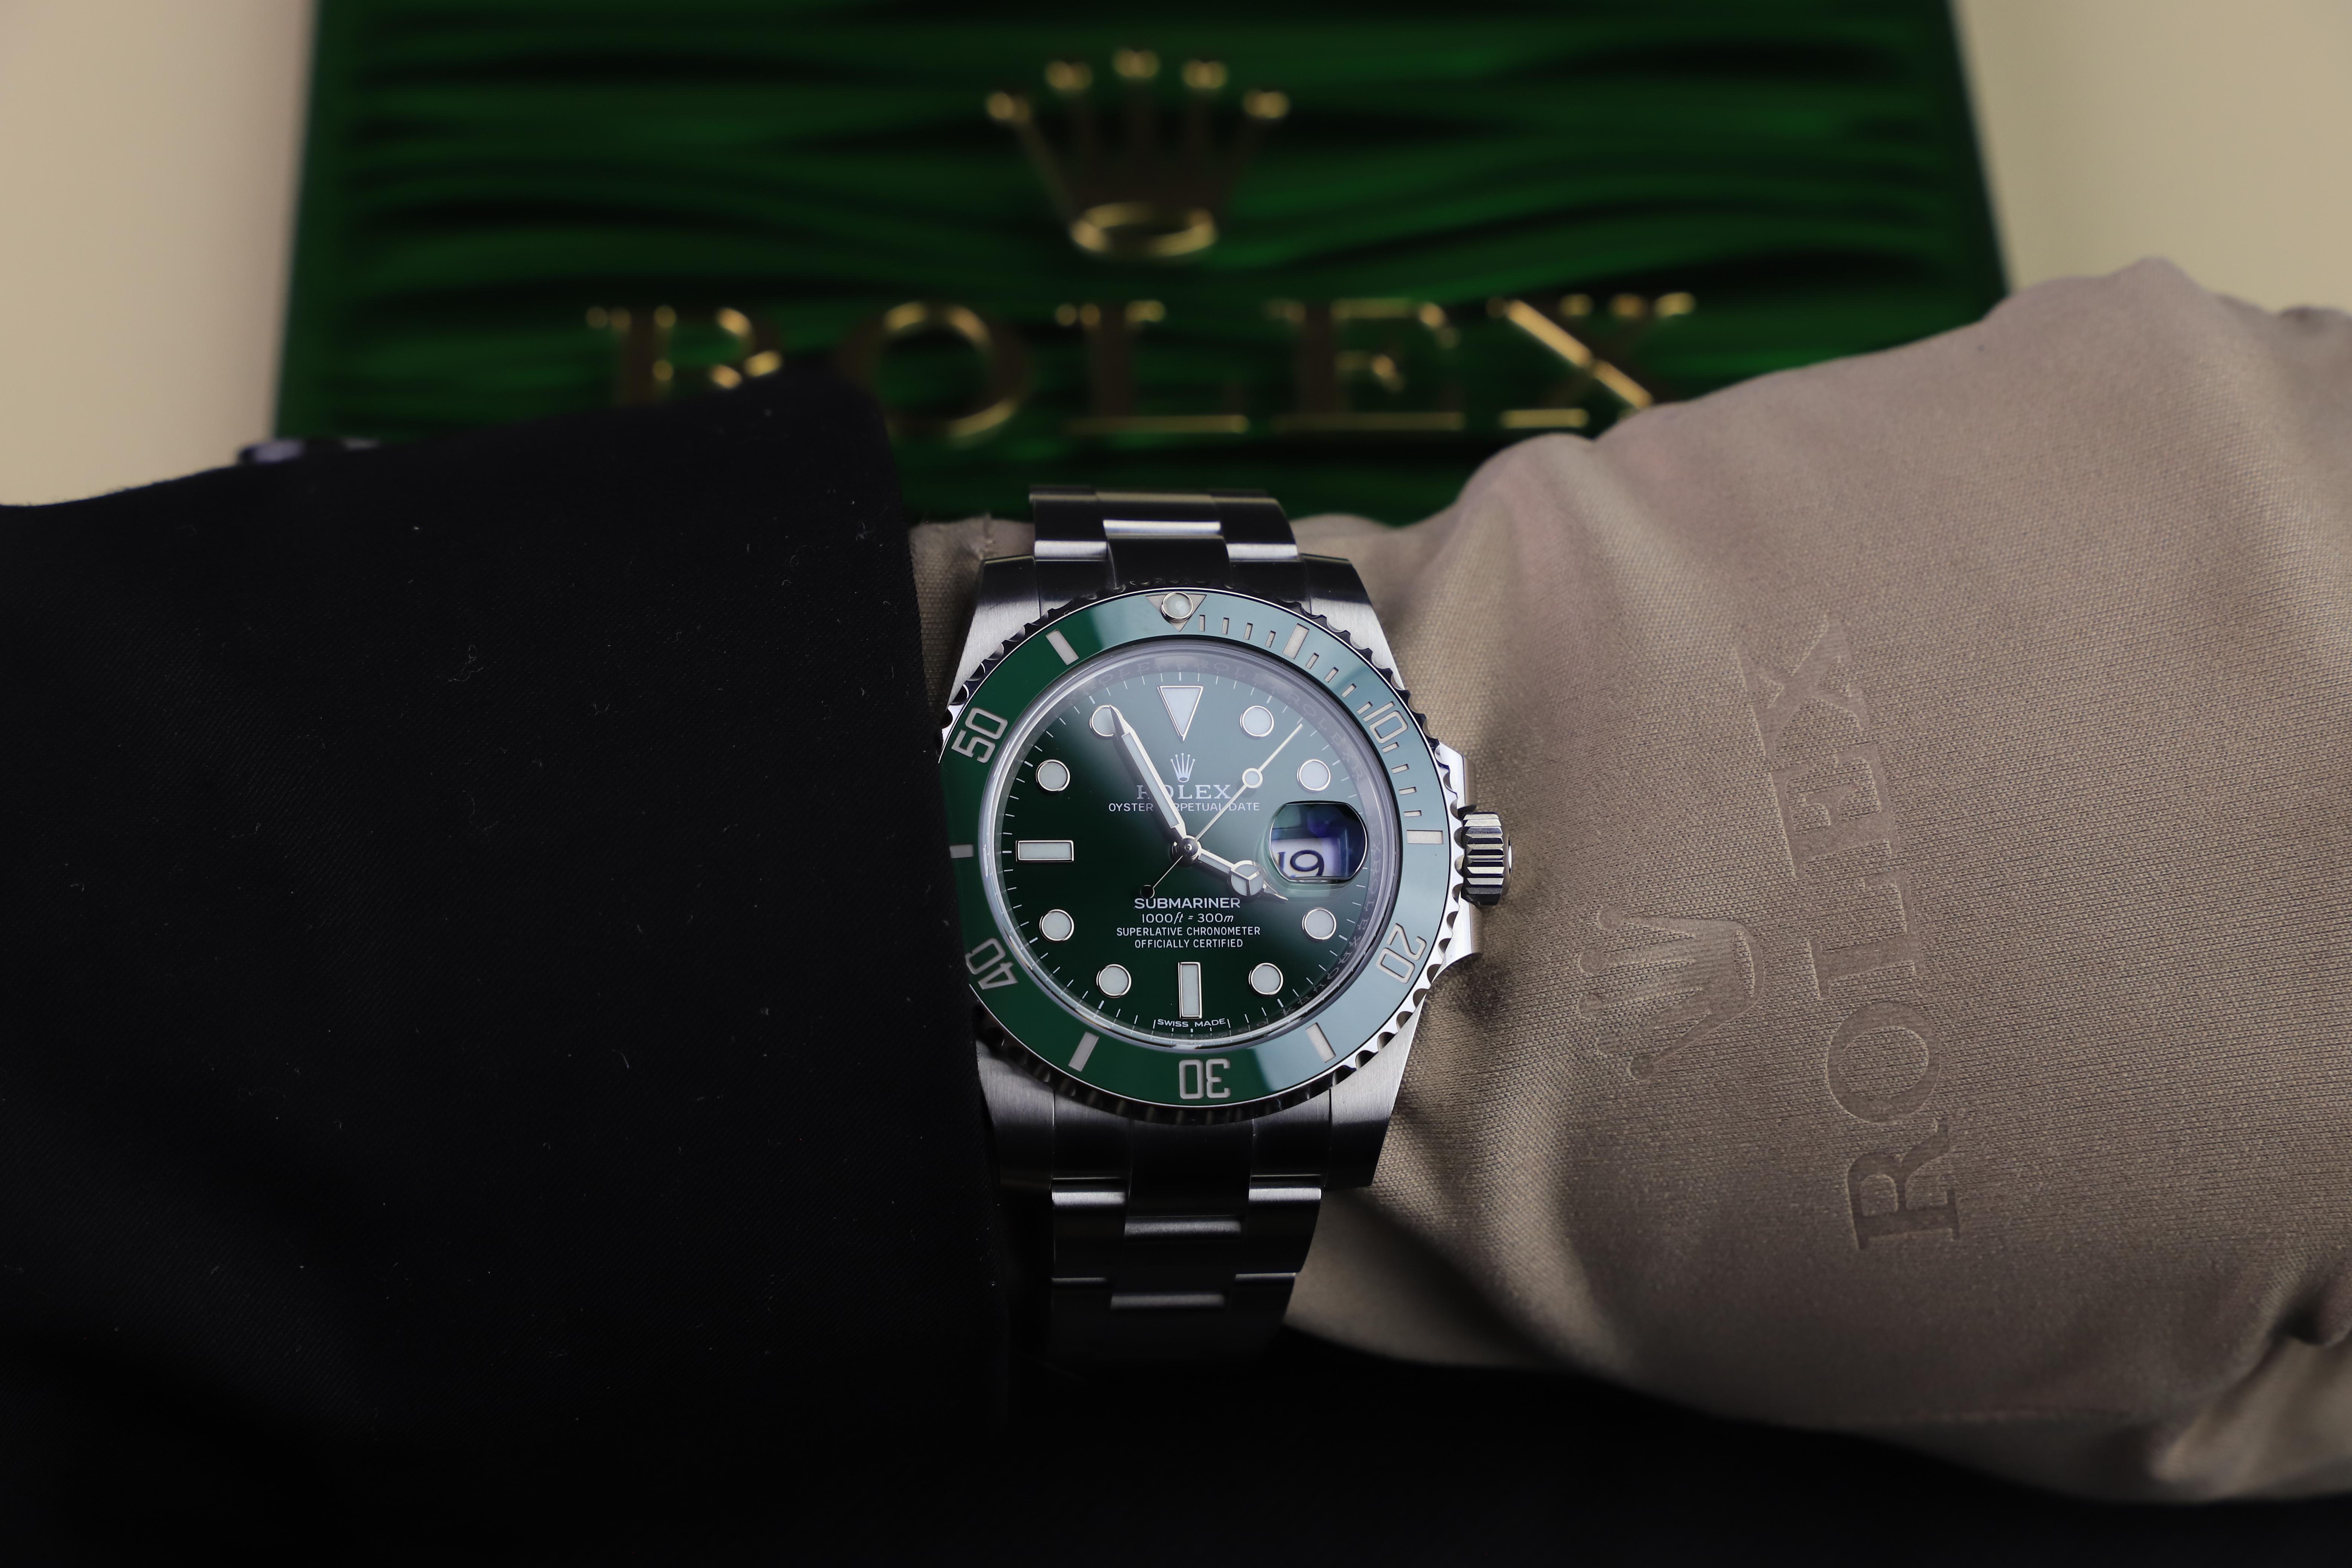 Rolex submariner 116610LV wrist shot